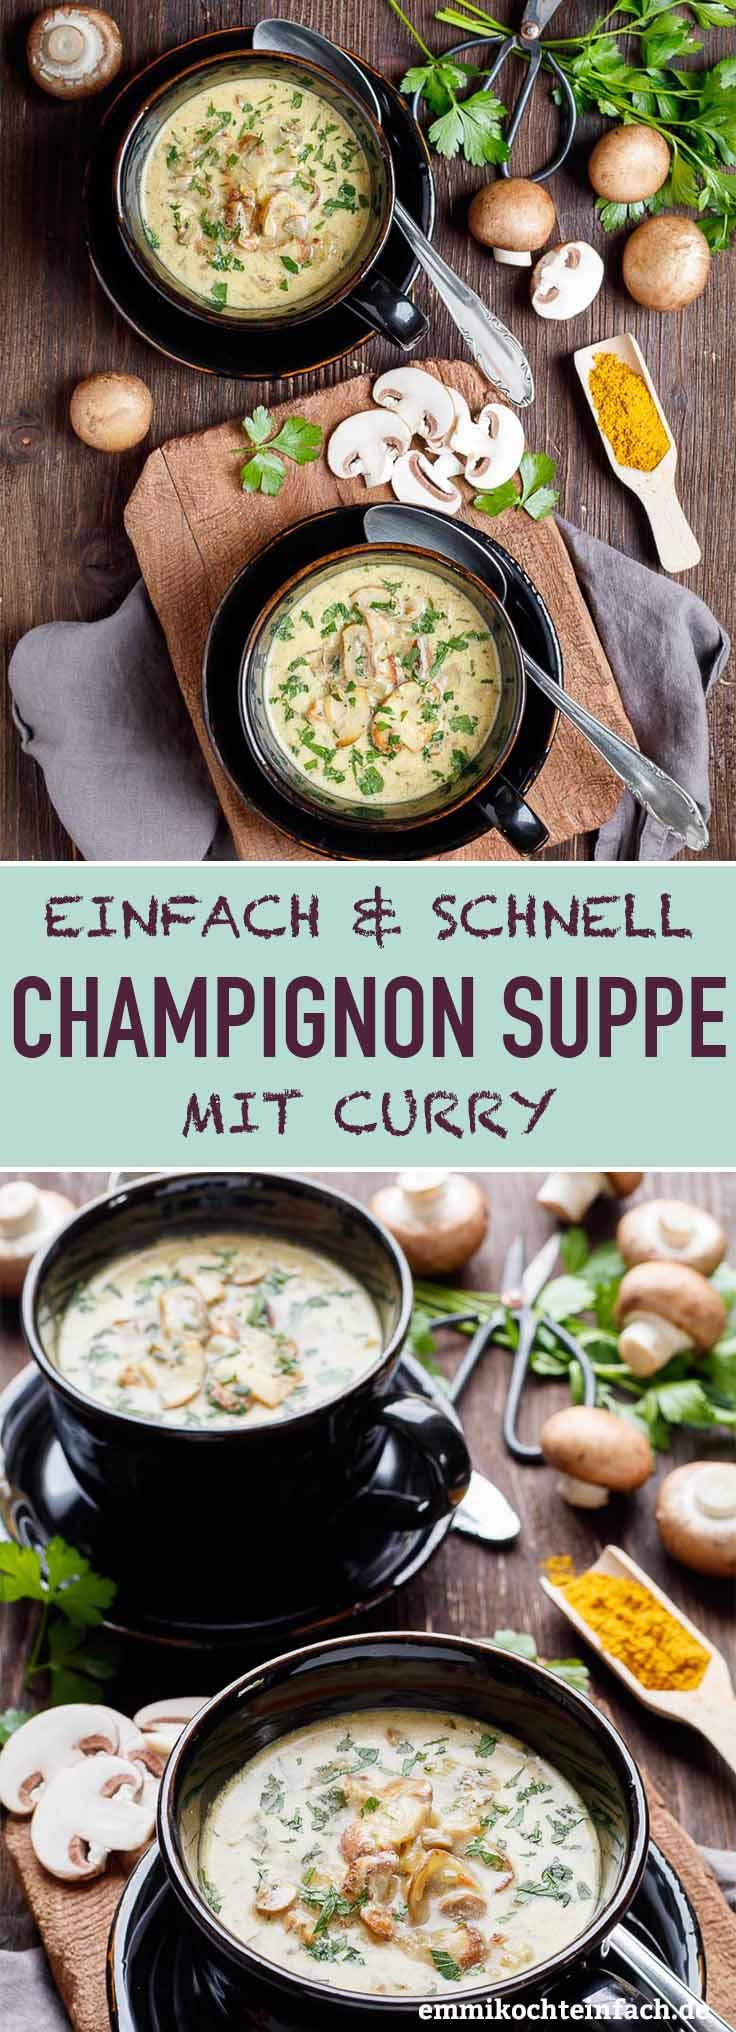 Ein leckeres Pilz Süppchen - www.emmikochteinfach.de